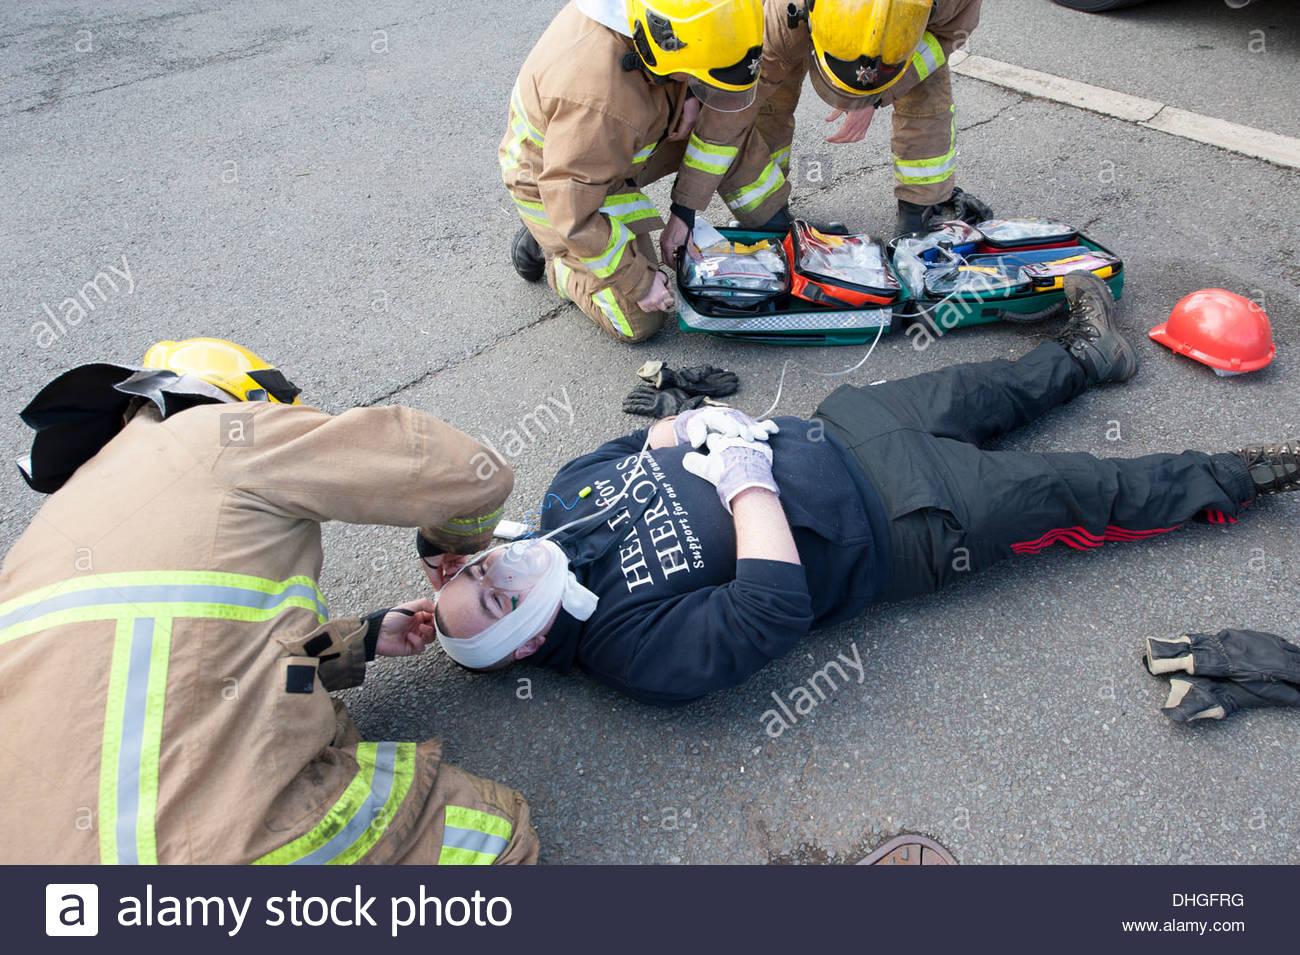 Feuerwehrleute, die erste Hilfe für Unfall SIMULATION Stockfoto ...